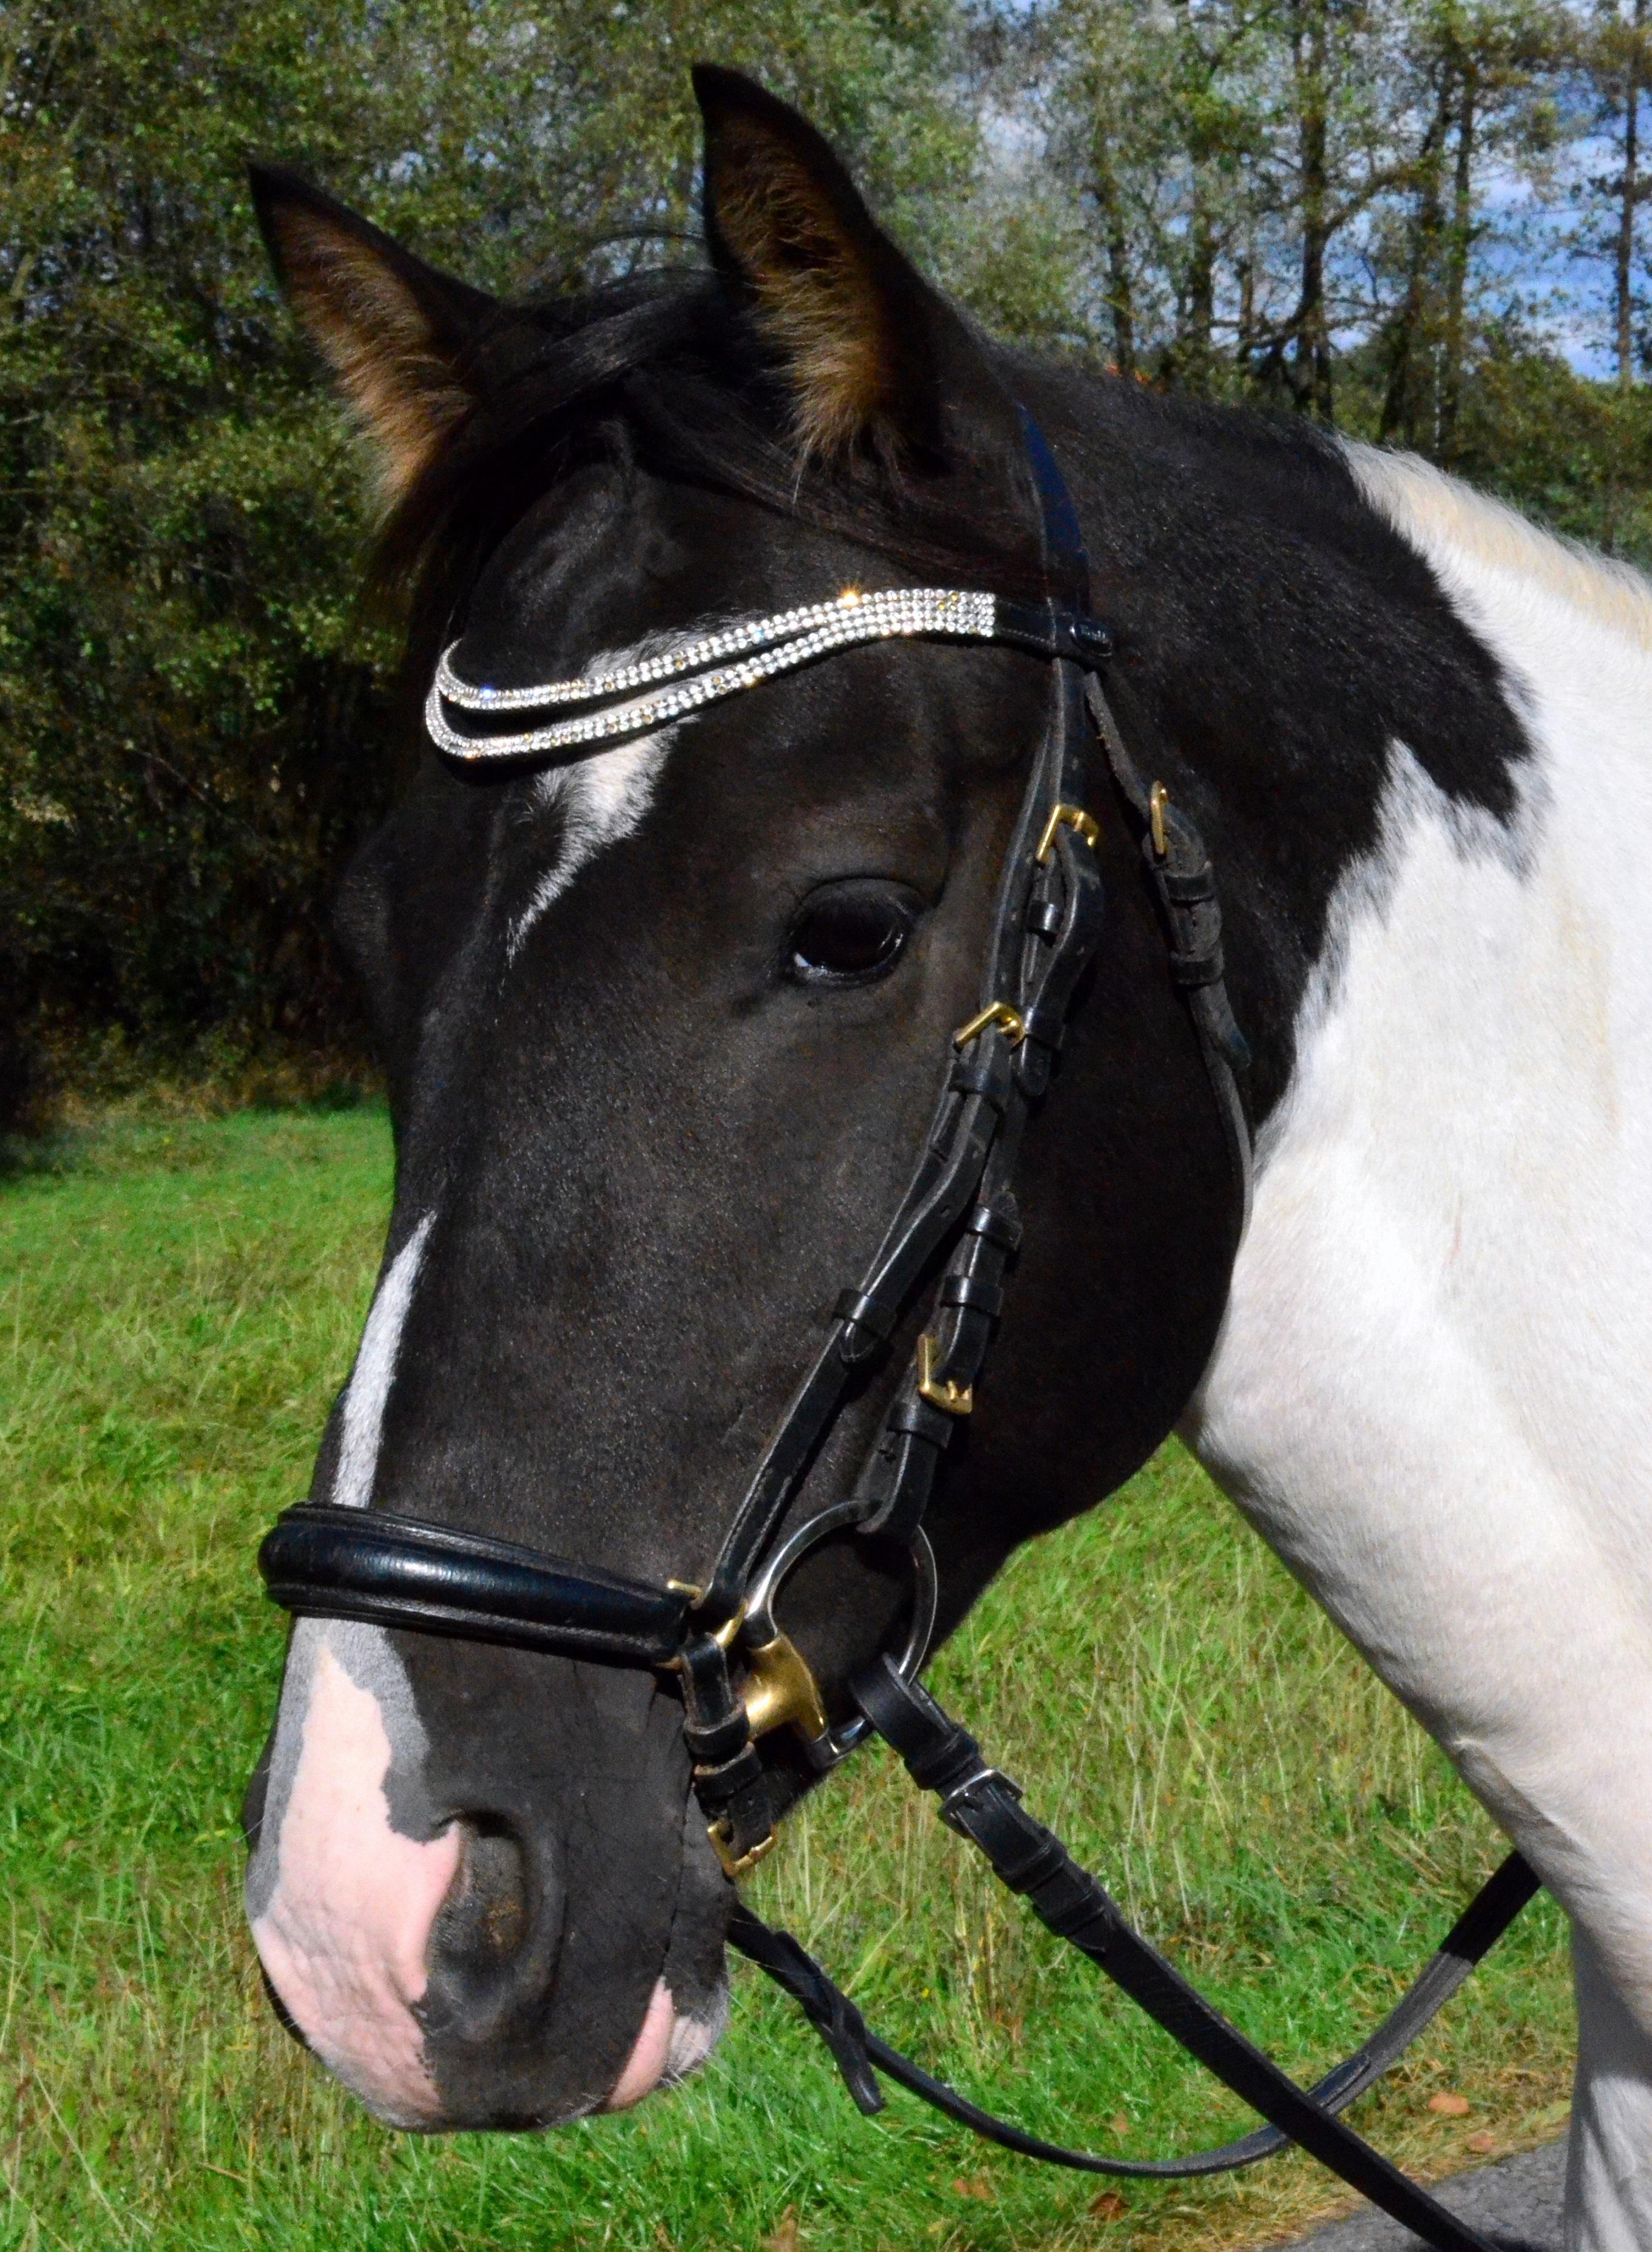 Ilmaisia Kuvia : ohjat, ori, harja, suitset, poni, tamma, hevosen pään, riimu, kuormajuhta ...